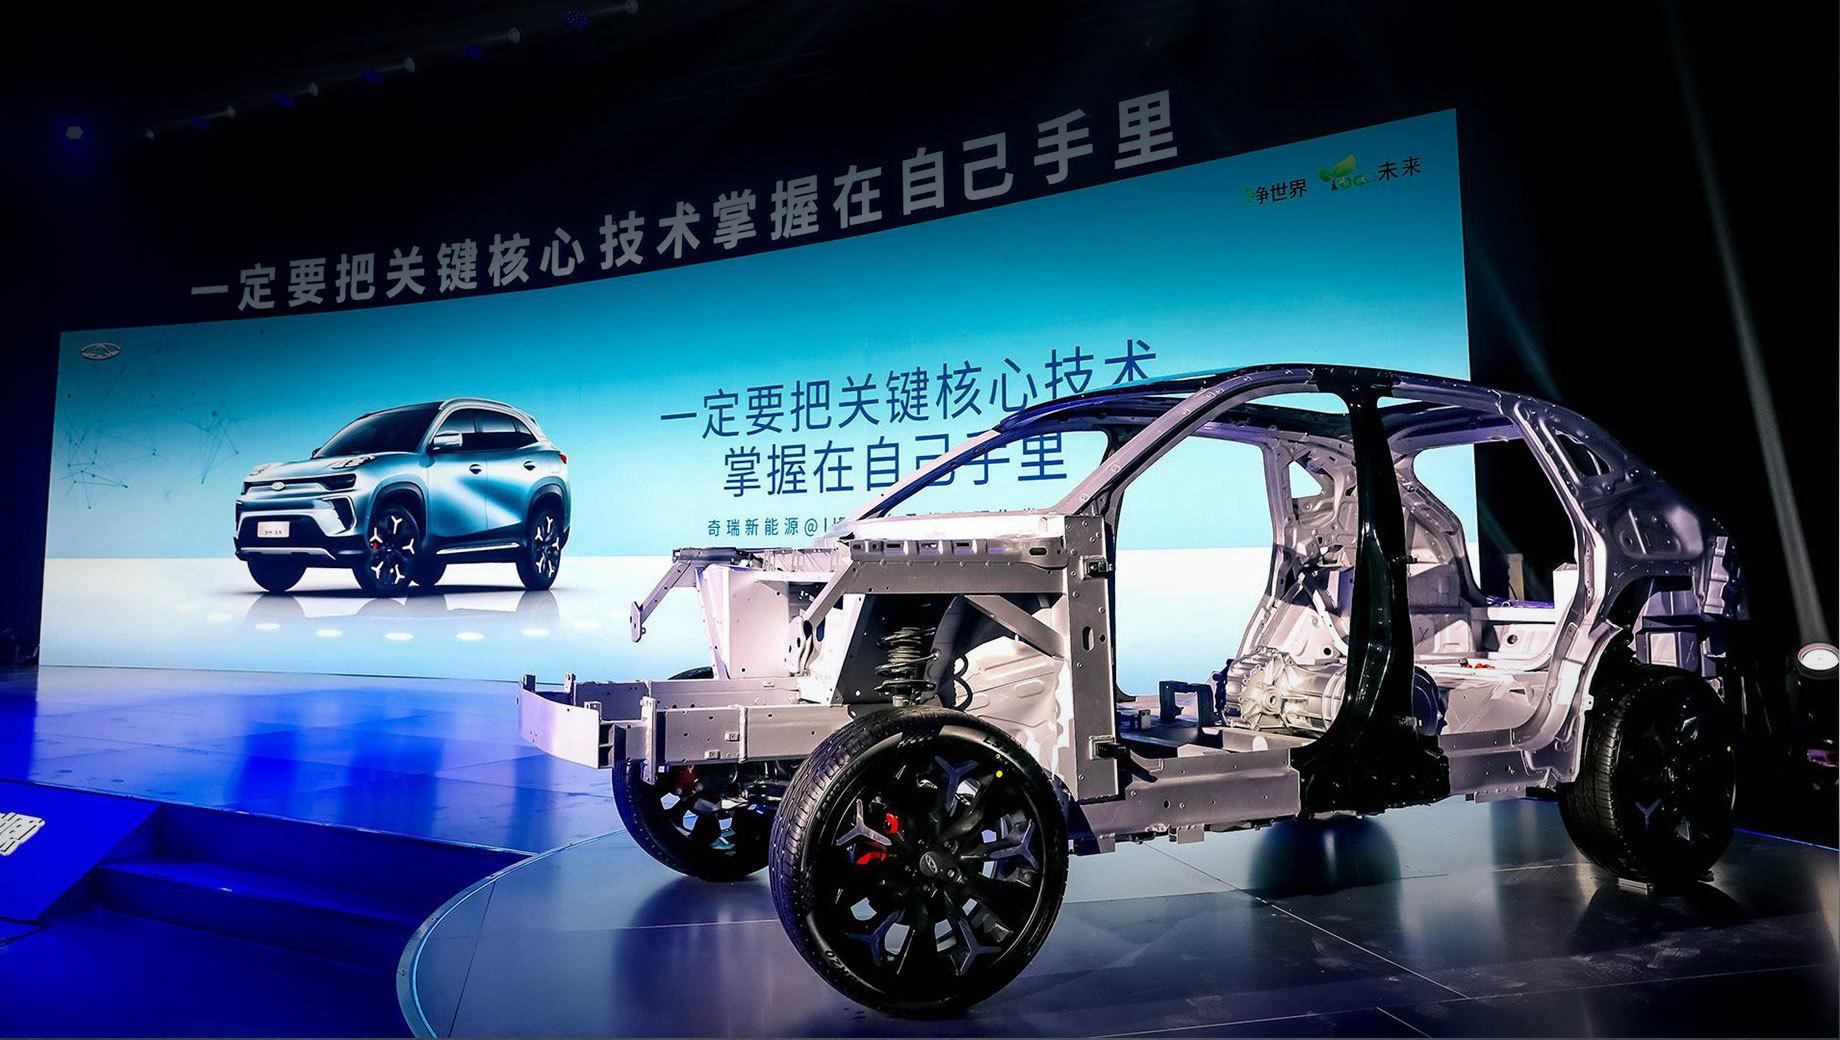 Chery mayi,Chery ant. «Тележка» прежде фигурировала под названием LFS (Lightweight Frame Structure). Её первенцем станет новый батарейный паркетник Chery Mayi (он же Ant и «муравей»), который только начал собирать предзаказы в Китае со стартовой ценой в 160 000 юаней (1,7 млн рублей). Версия Pro на 10 000 дороже.